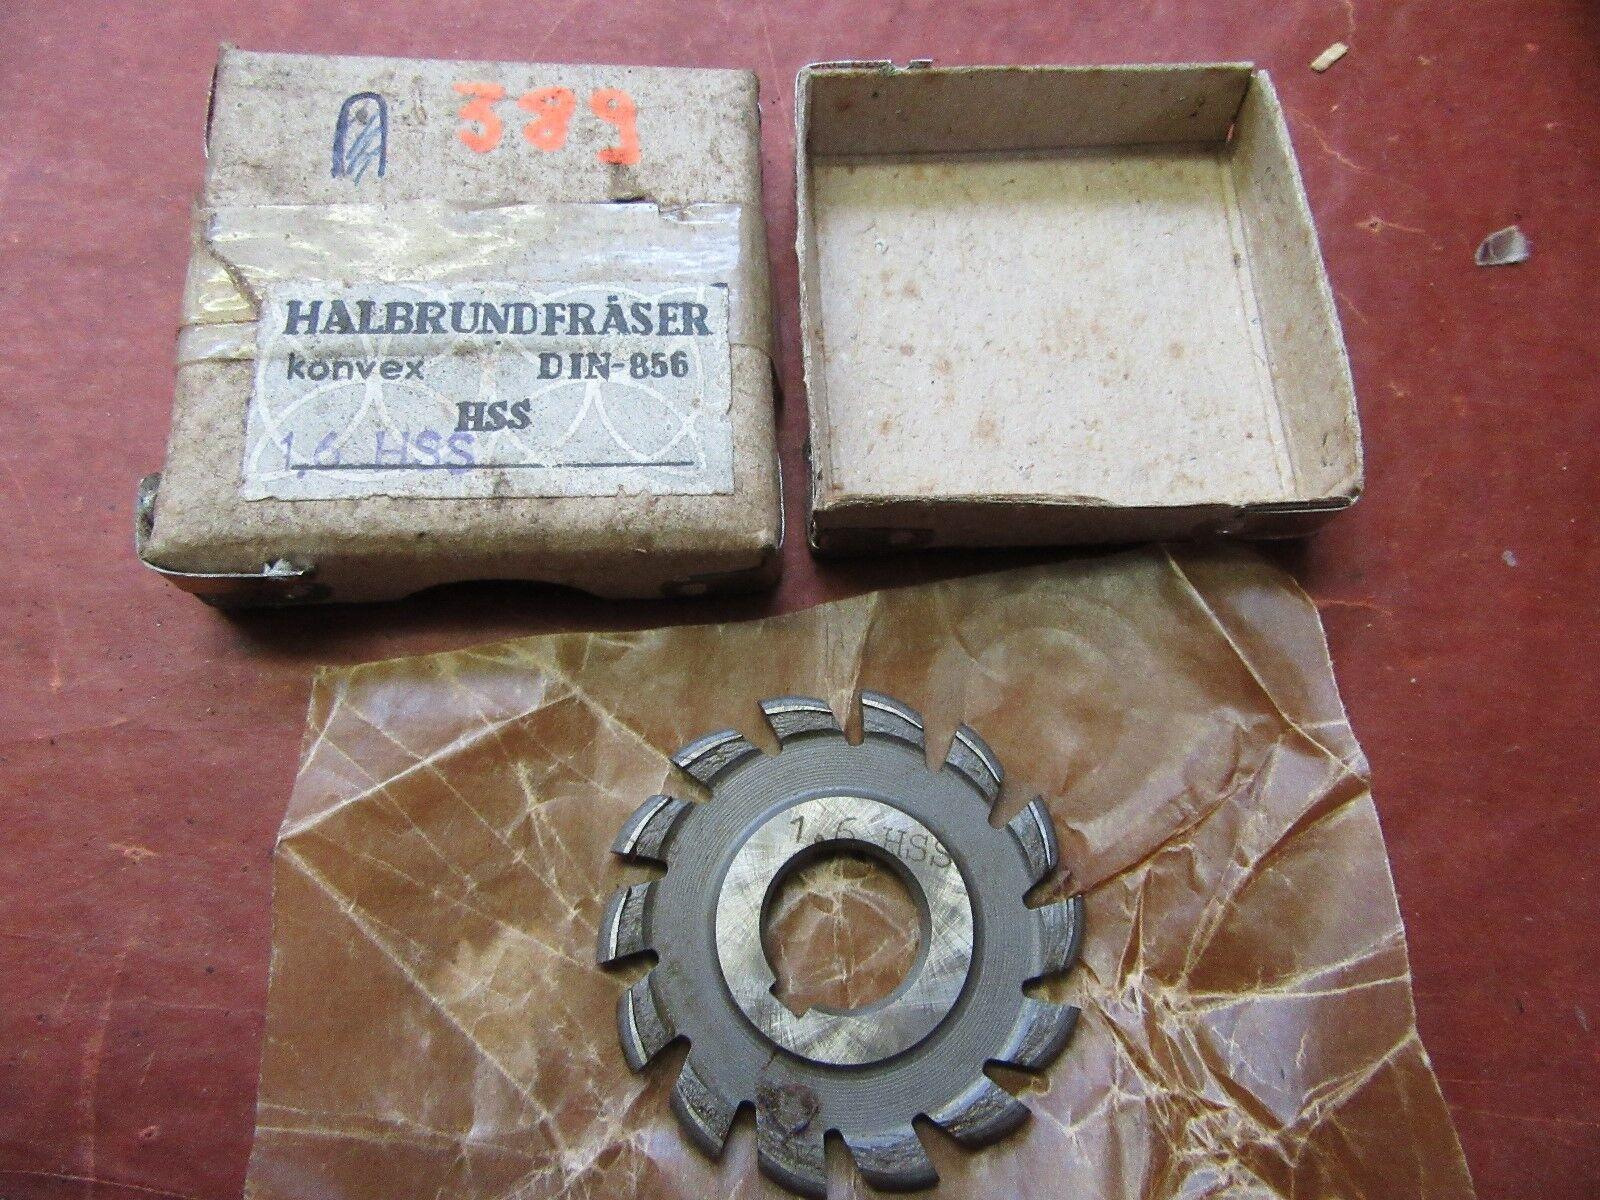 Halbkreisformfräser konvex  1,6HSS 50/3 Halbrundfräser Halbkreisfräser  #F389#